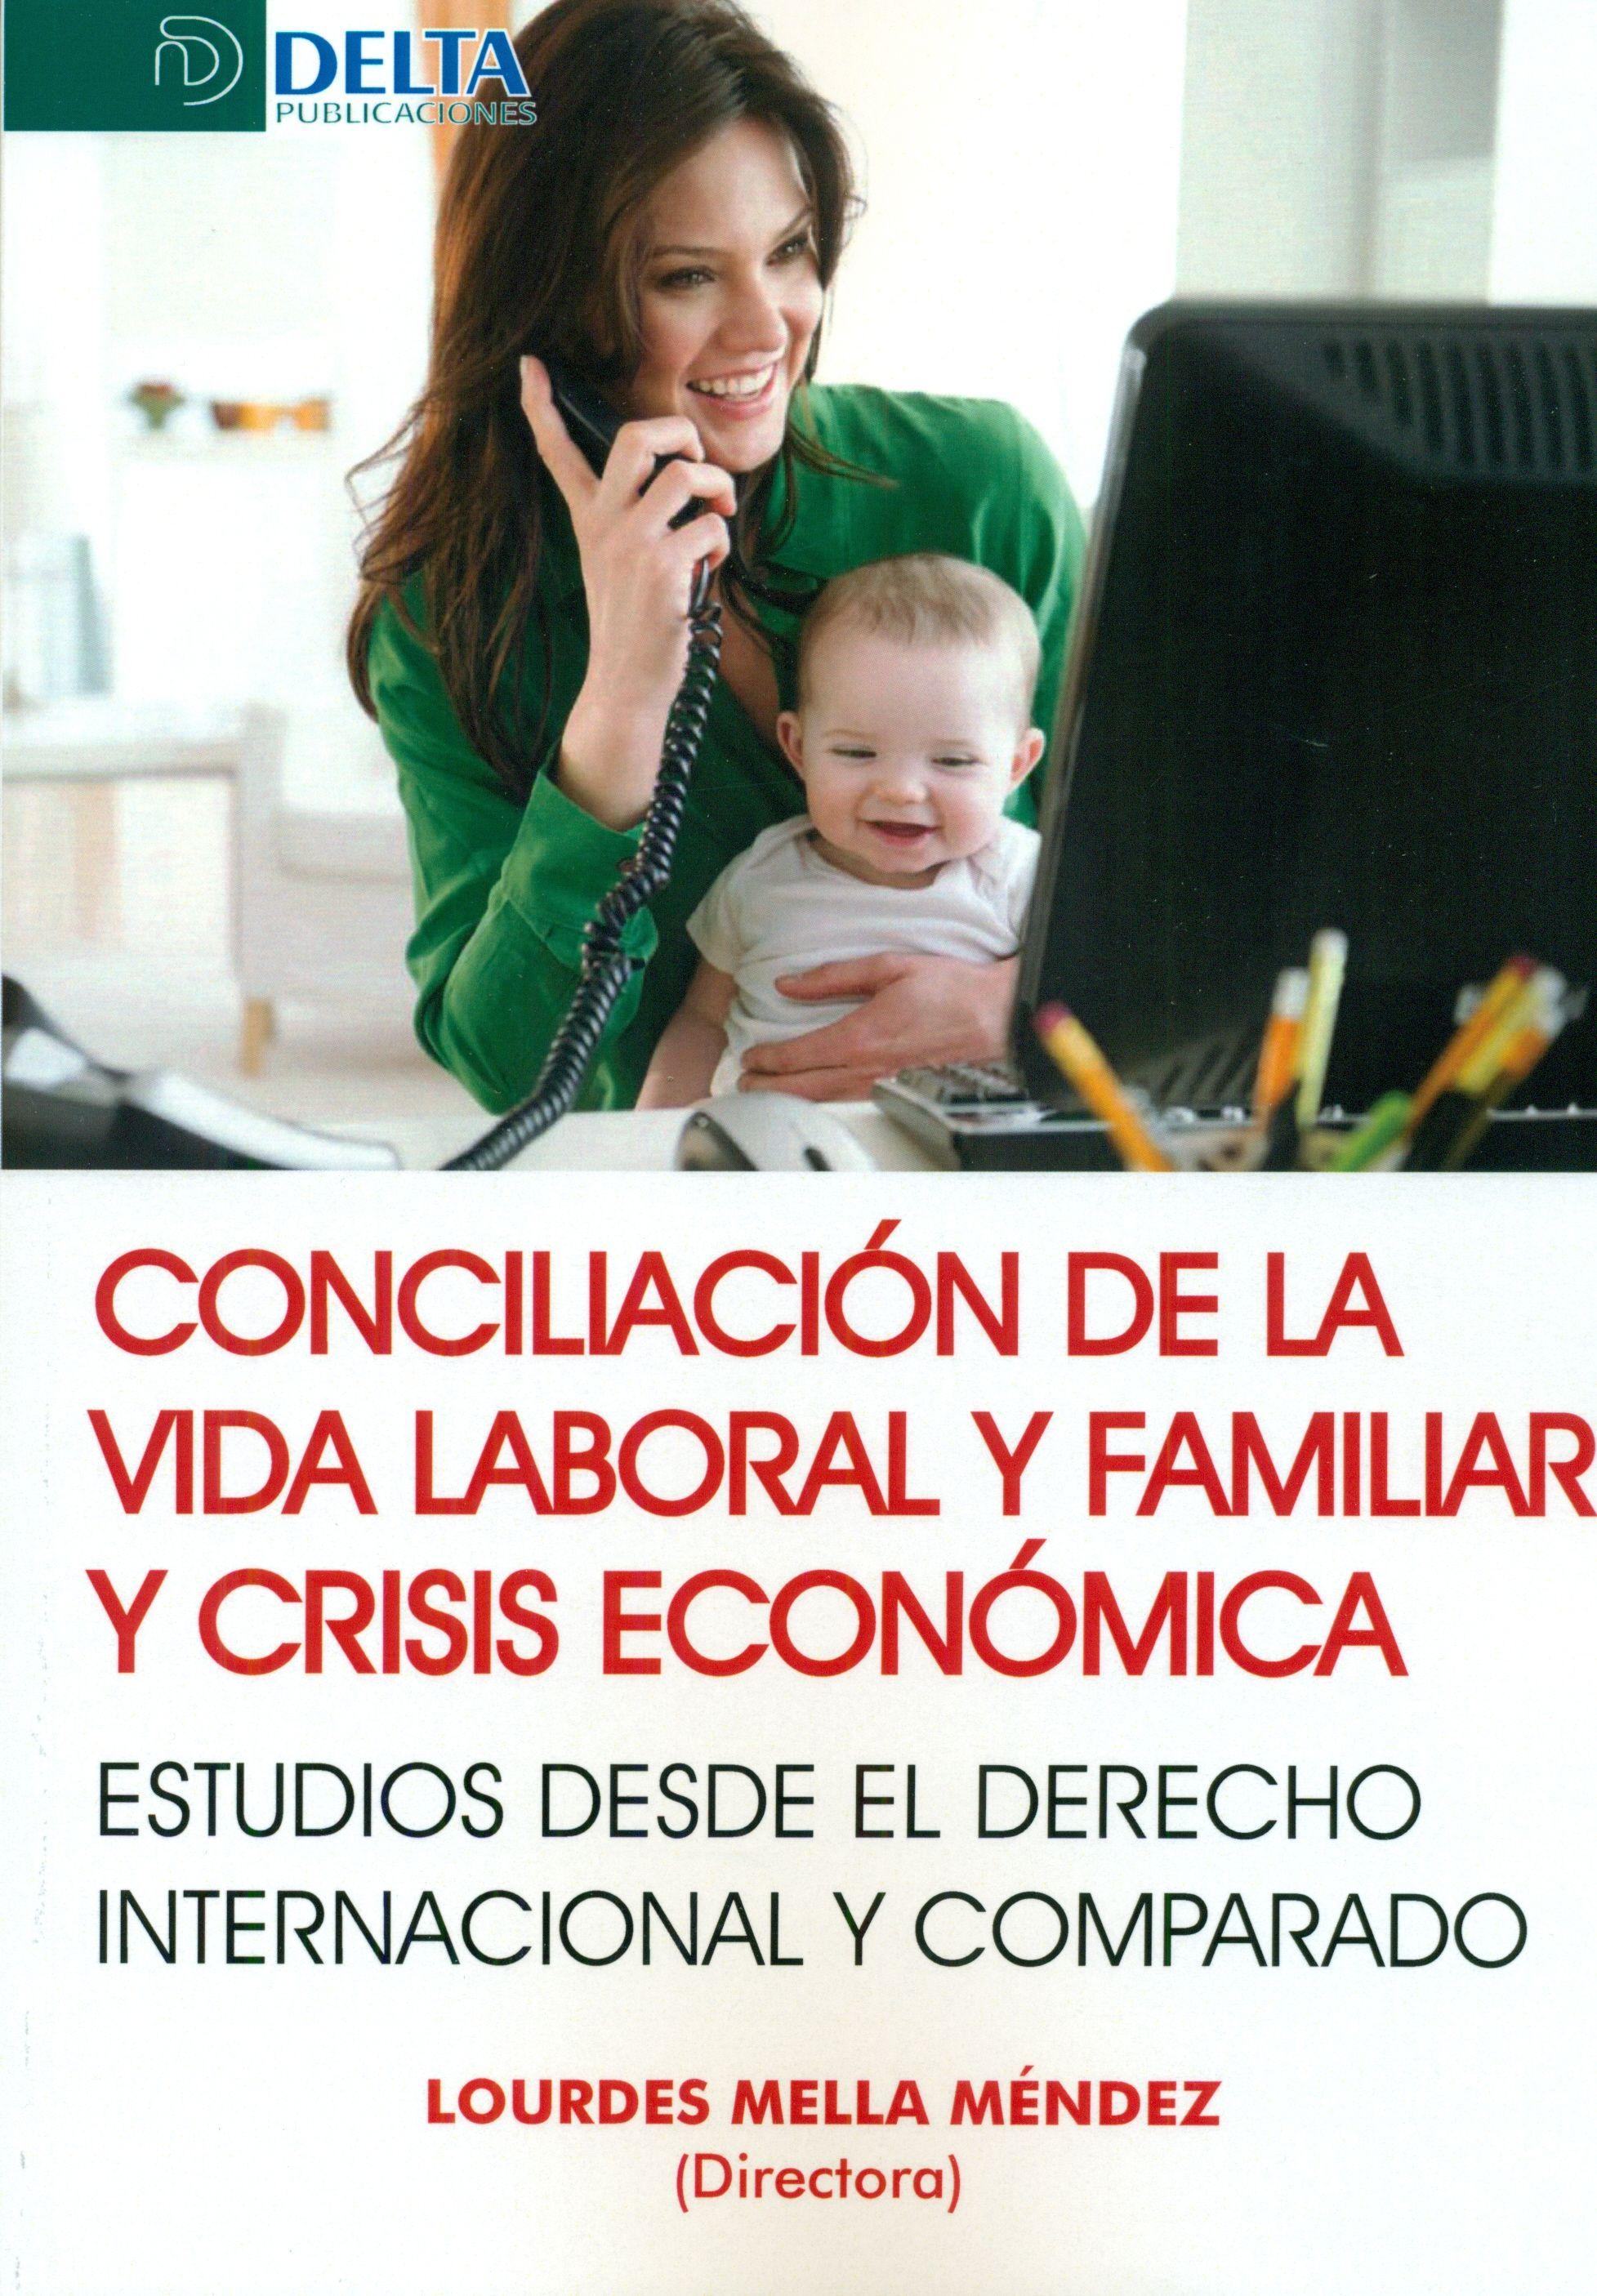 Conciliación de la vida laboral y familiar y crisis económica : estudios desde el derecho internacional y comparado / Lourdes Mella Méndez (directora) Delta, 2015